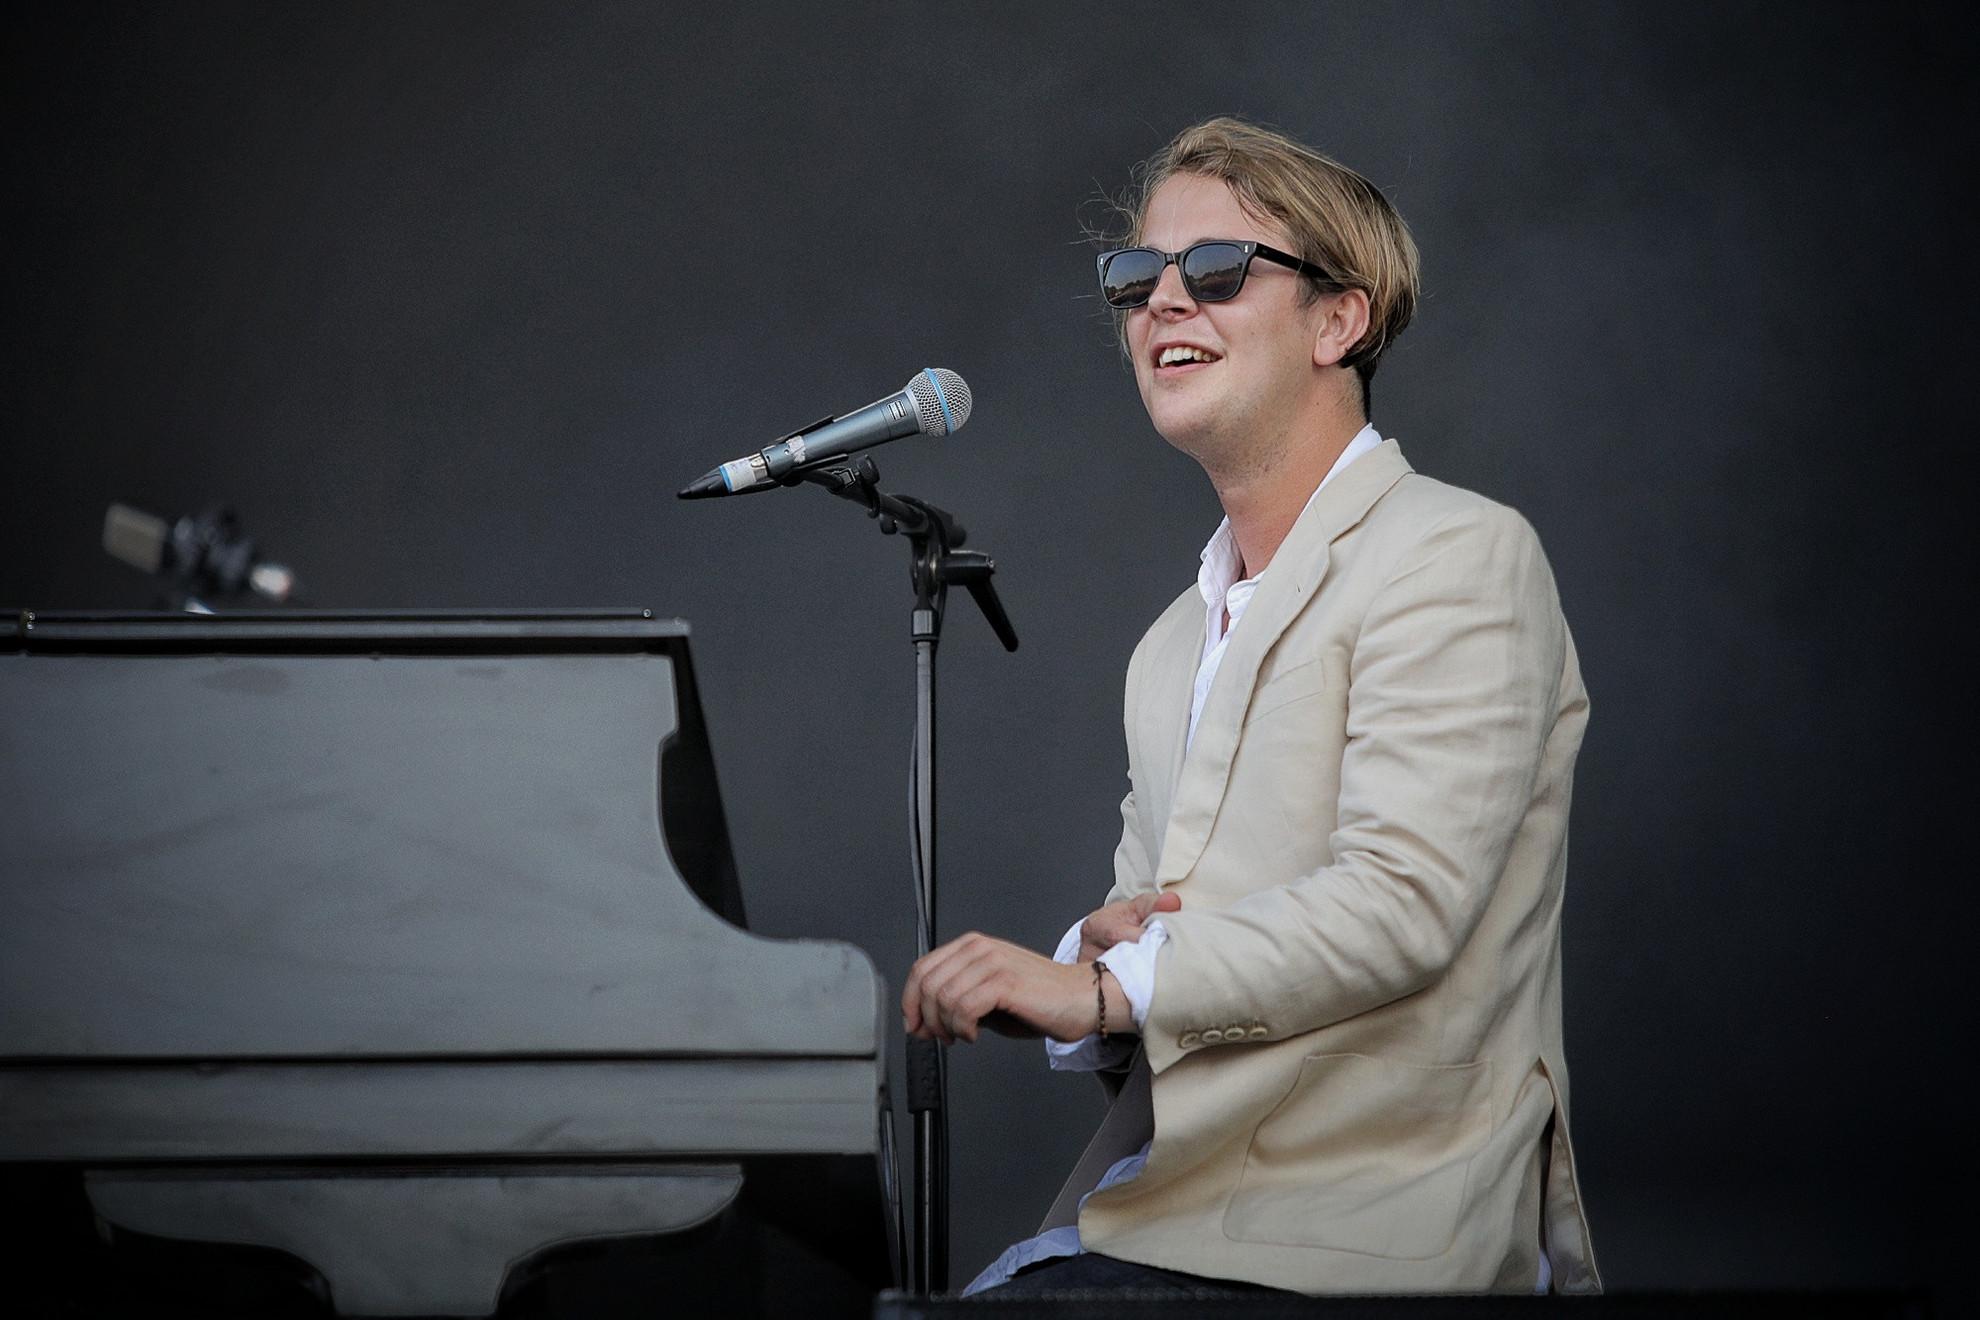 Tom Odell a koncert nagy részében a zongora mögött ülve énekelt